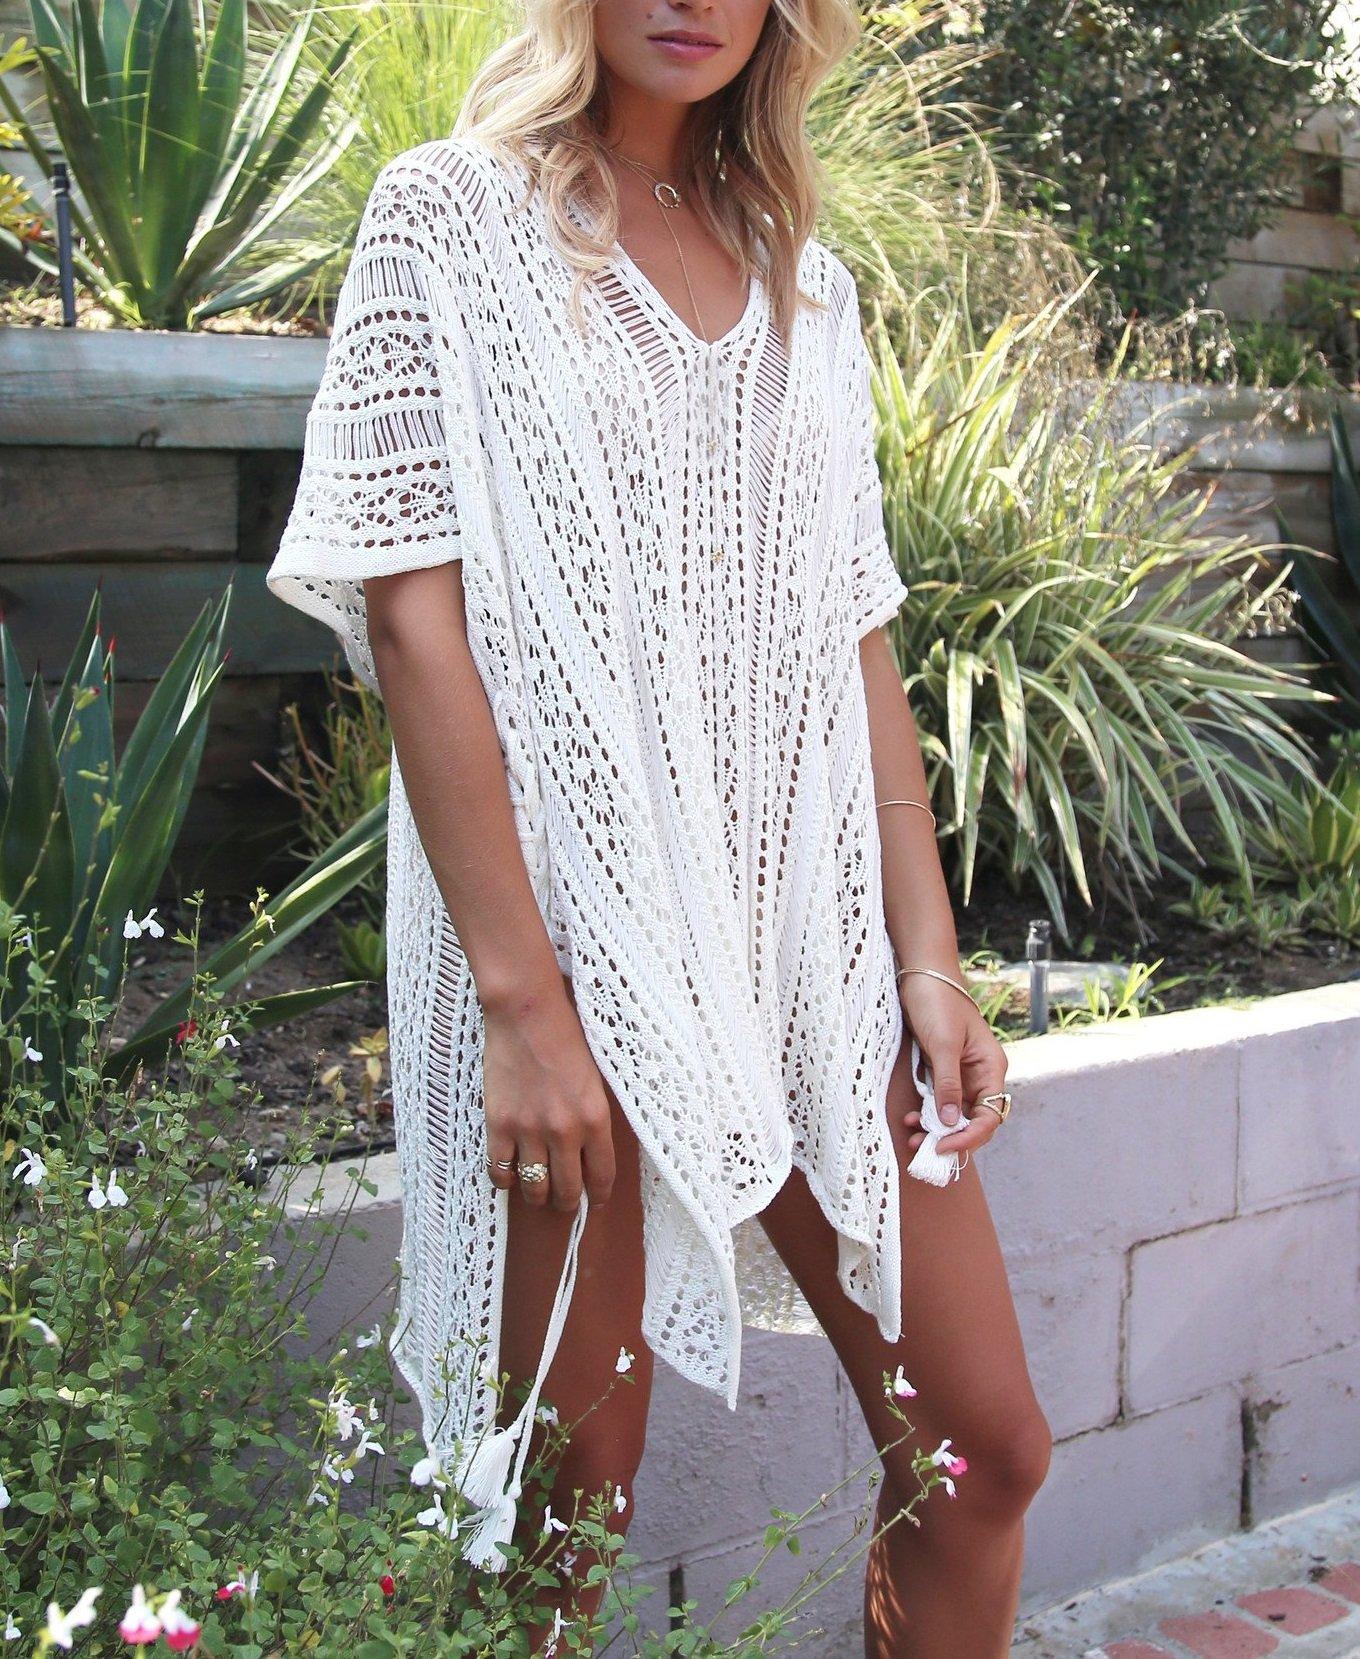 Jeasona Women's Bathing Suit Cover up Beach Bikini Swimsuit Swimwear Crochet Dress (Off White, L) by Jeasona (Image #3)